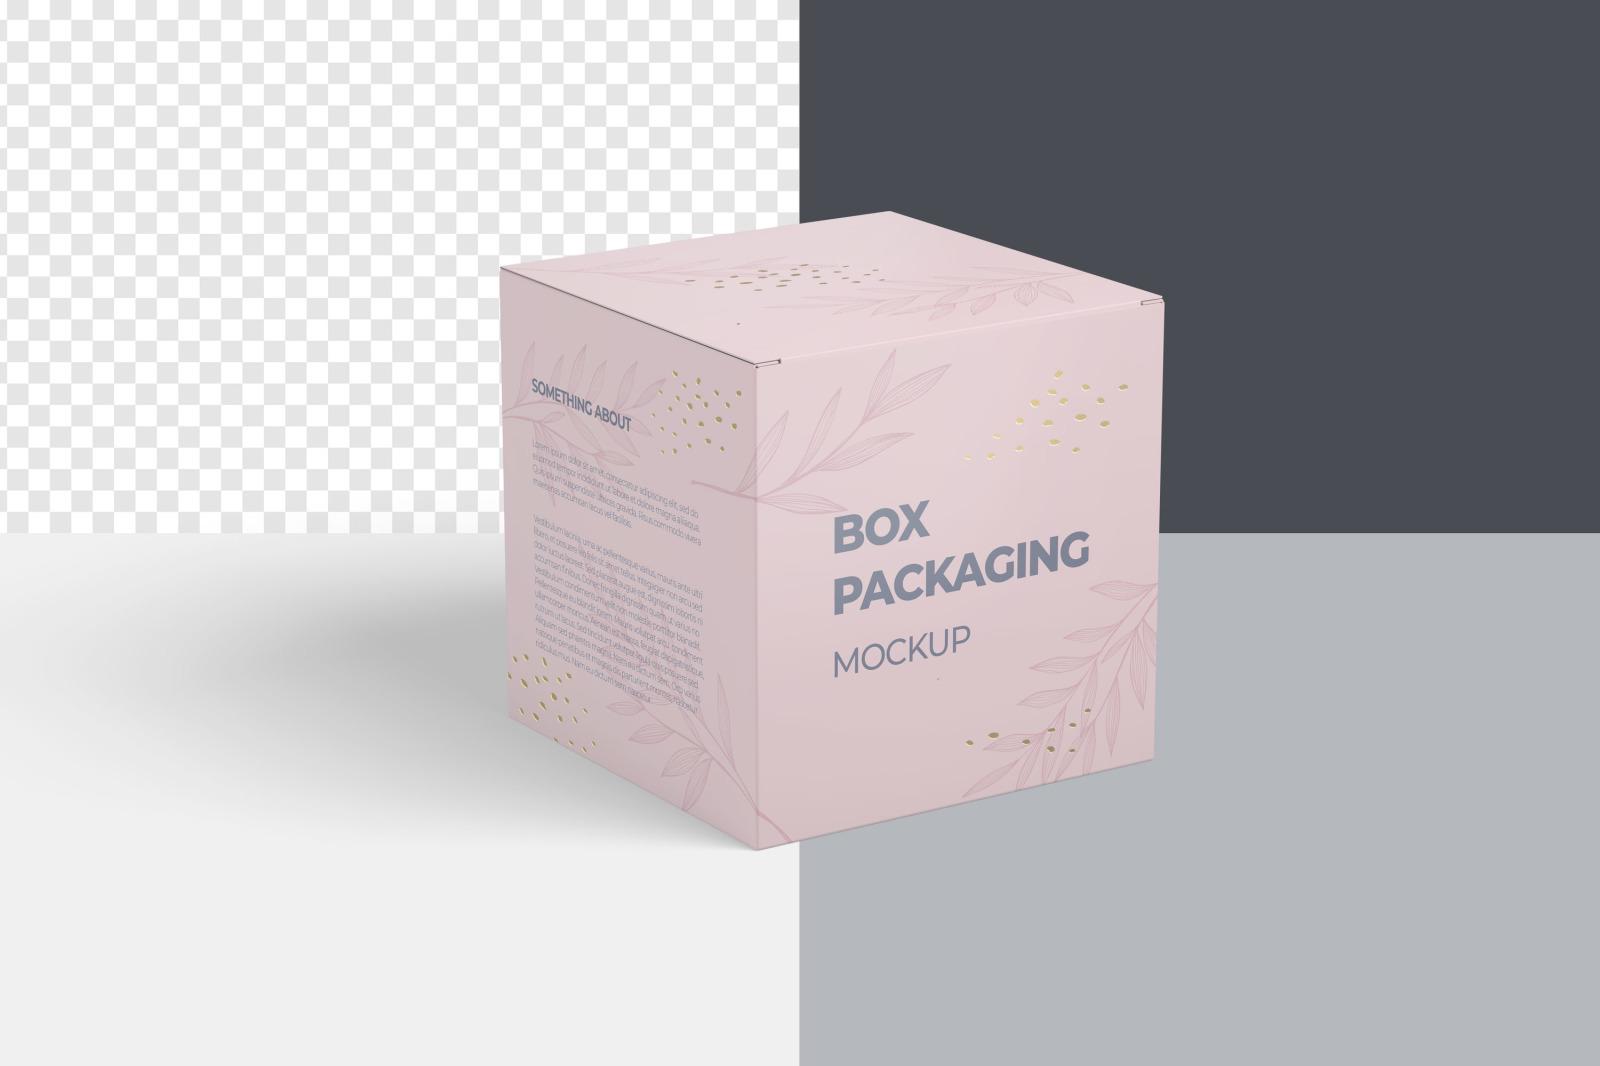 Box | Packaging Mockup